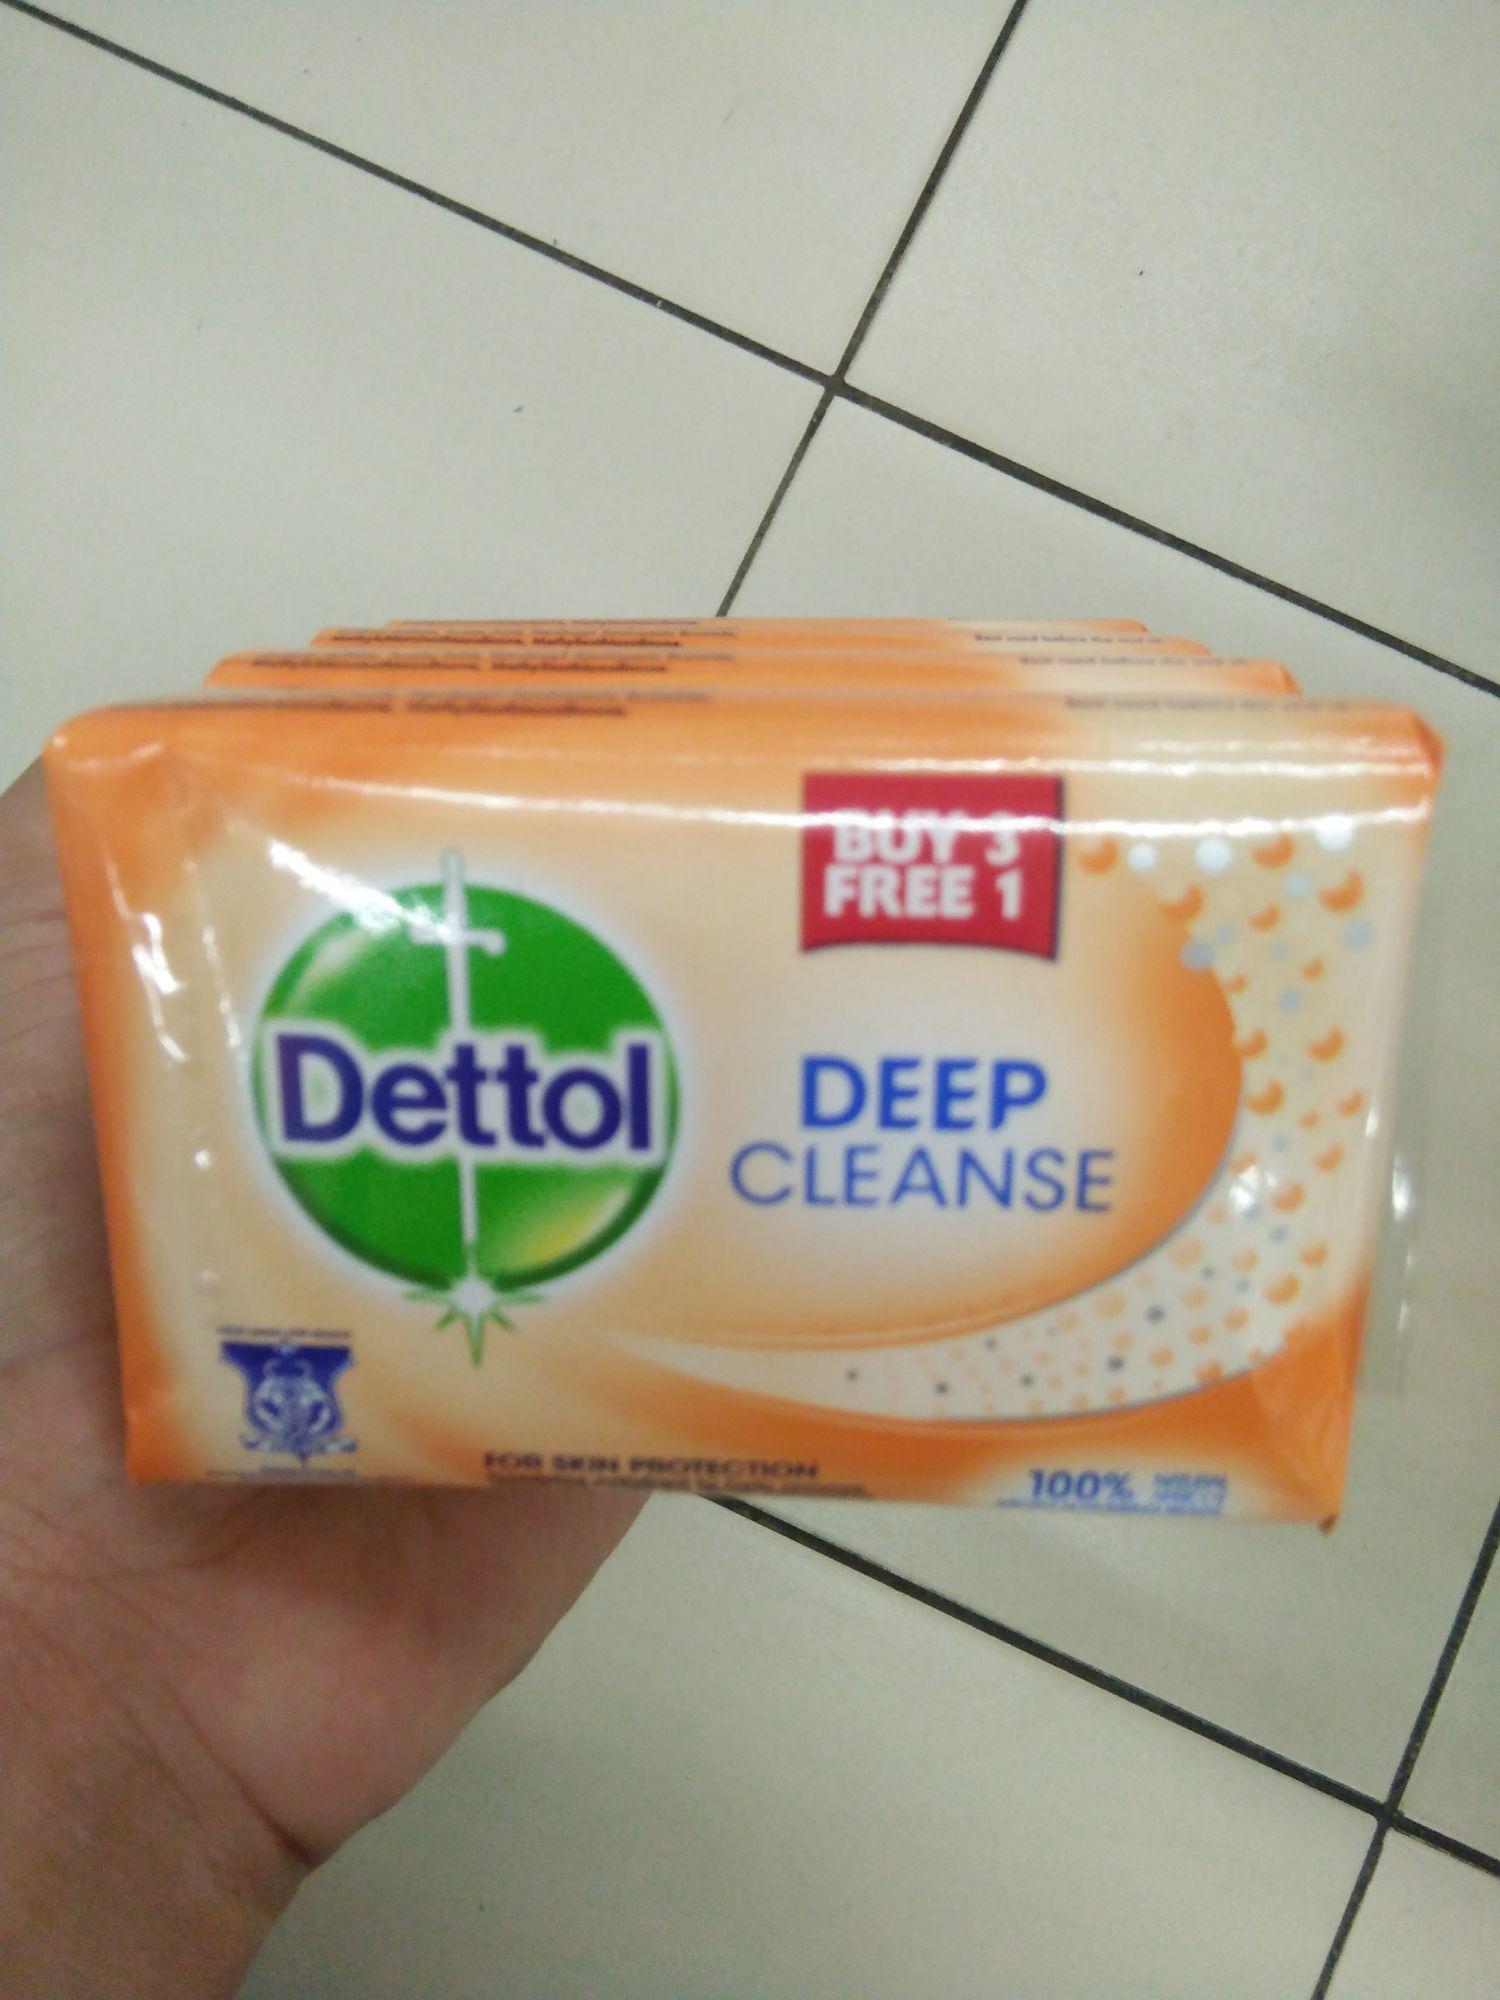 Dettol Deep Cleanse Bar Soap Reviews